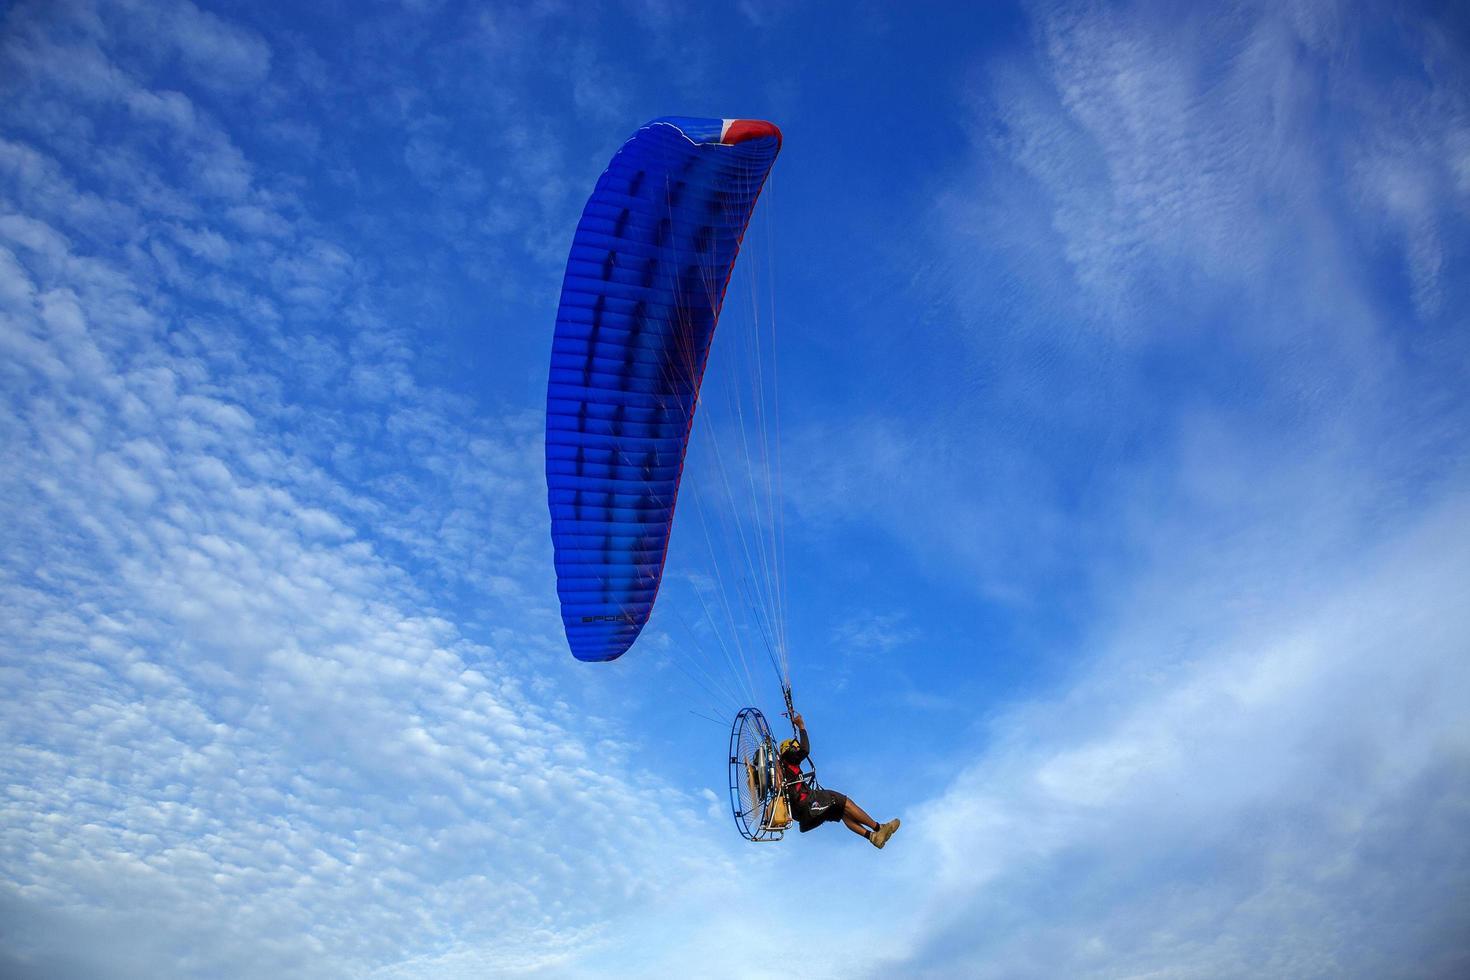 Le paramoteur vole dans le beau ciel photo